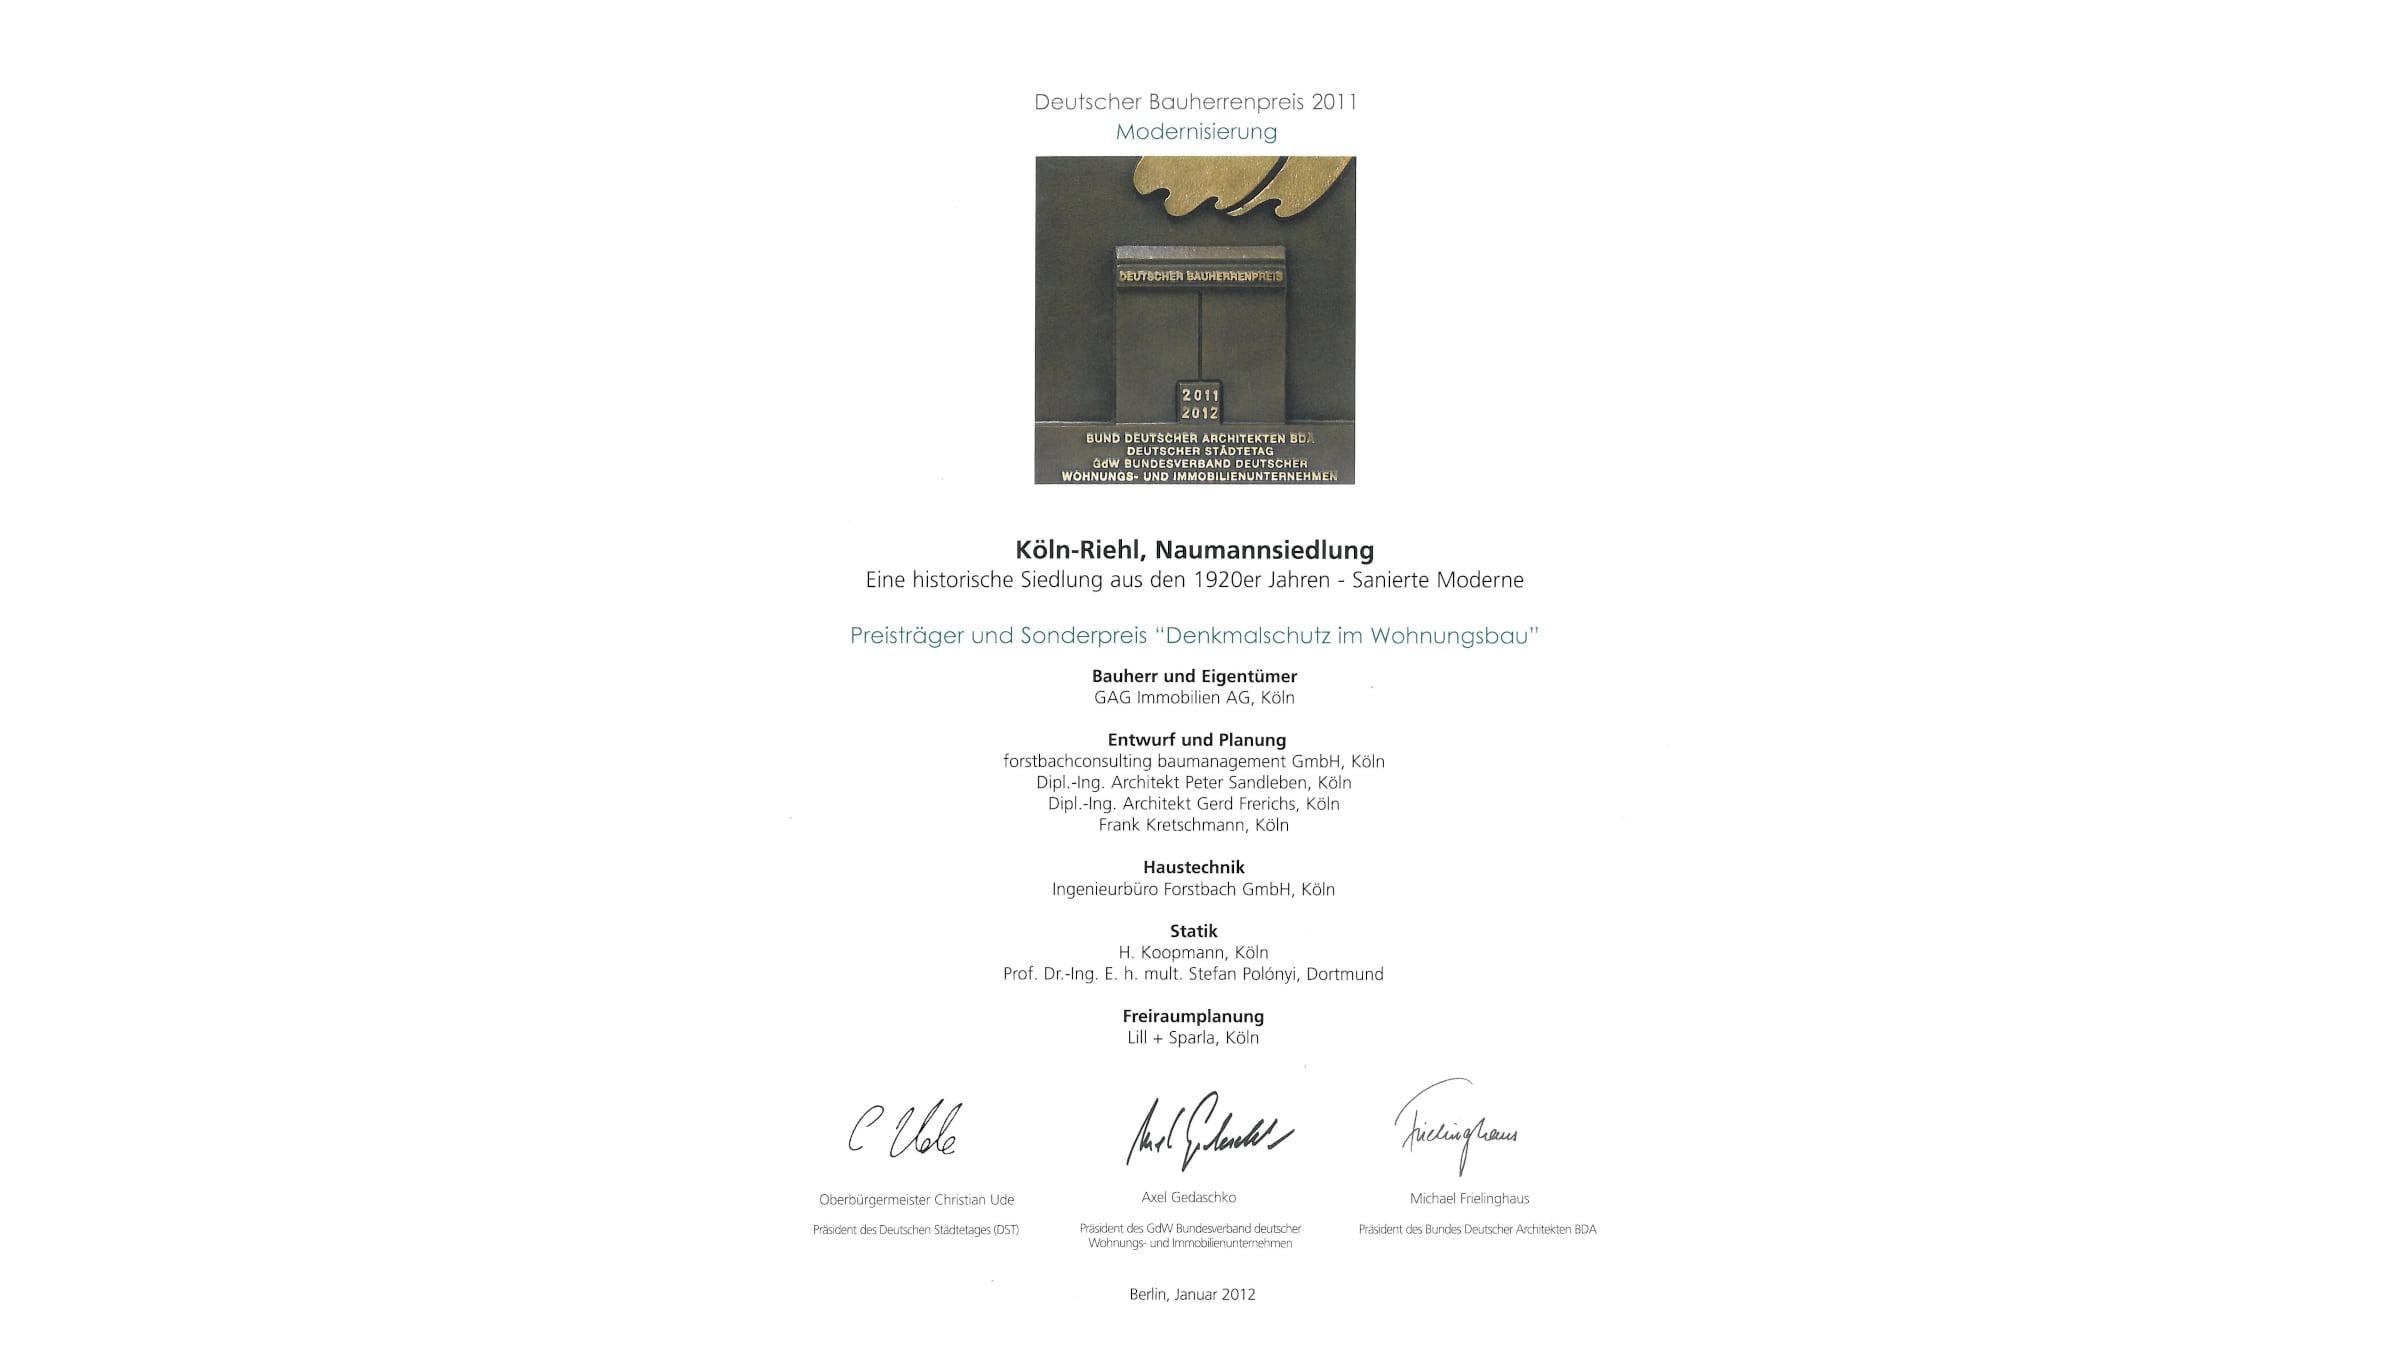 Architekt Koeln Auszeichnung Bauherrenpreis 2011